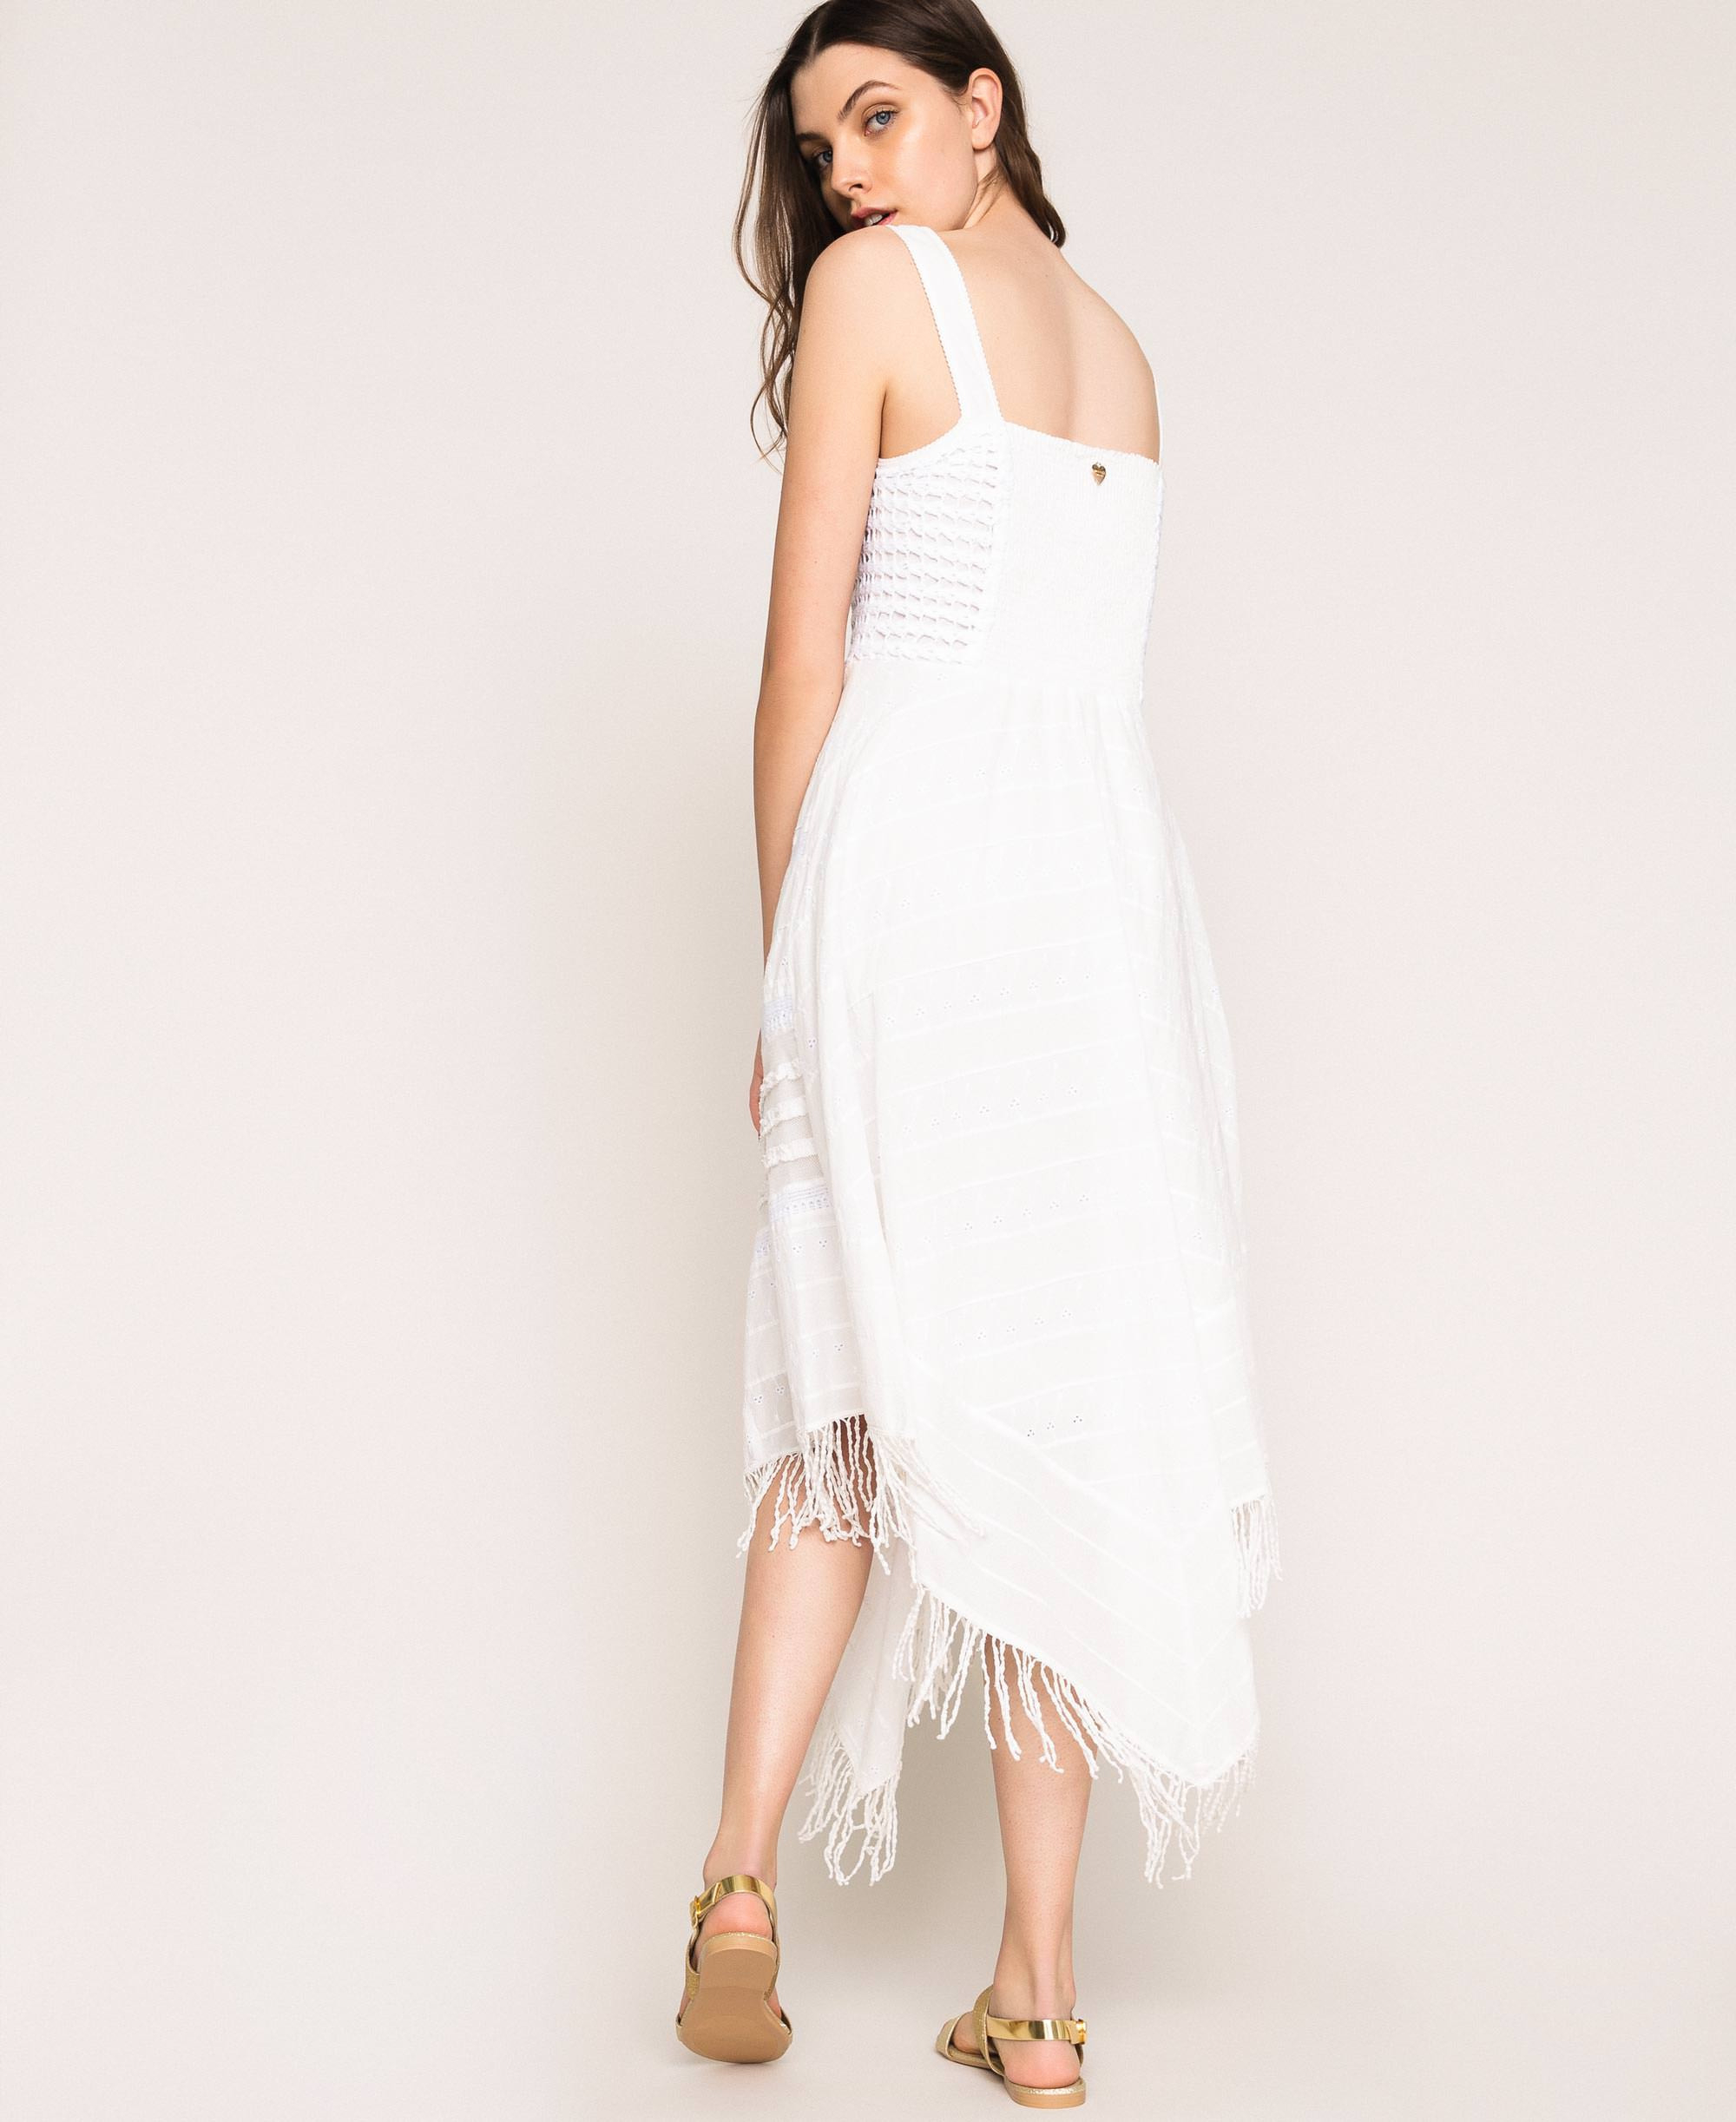 Kleid Mit Lochstickerei Und Häkelarbeit Frau Weiß